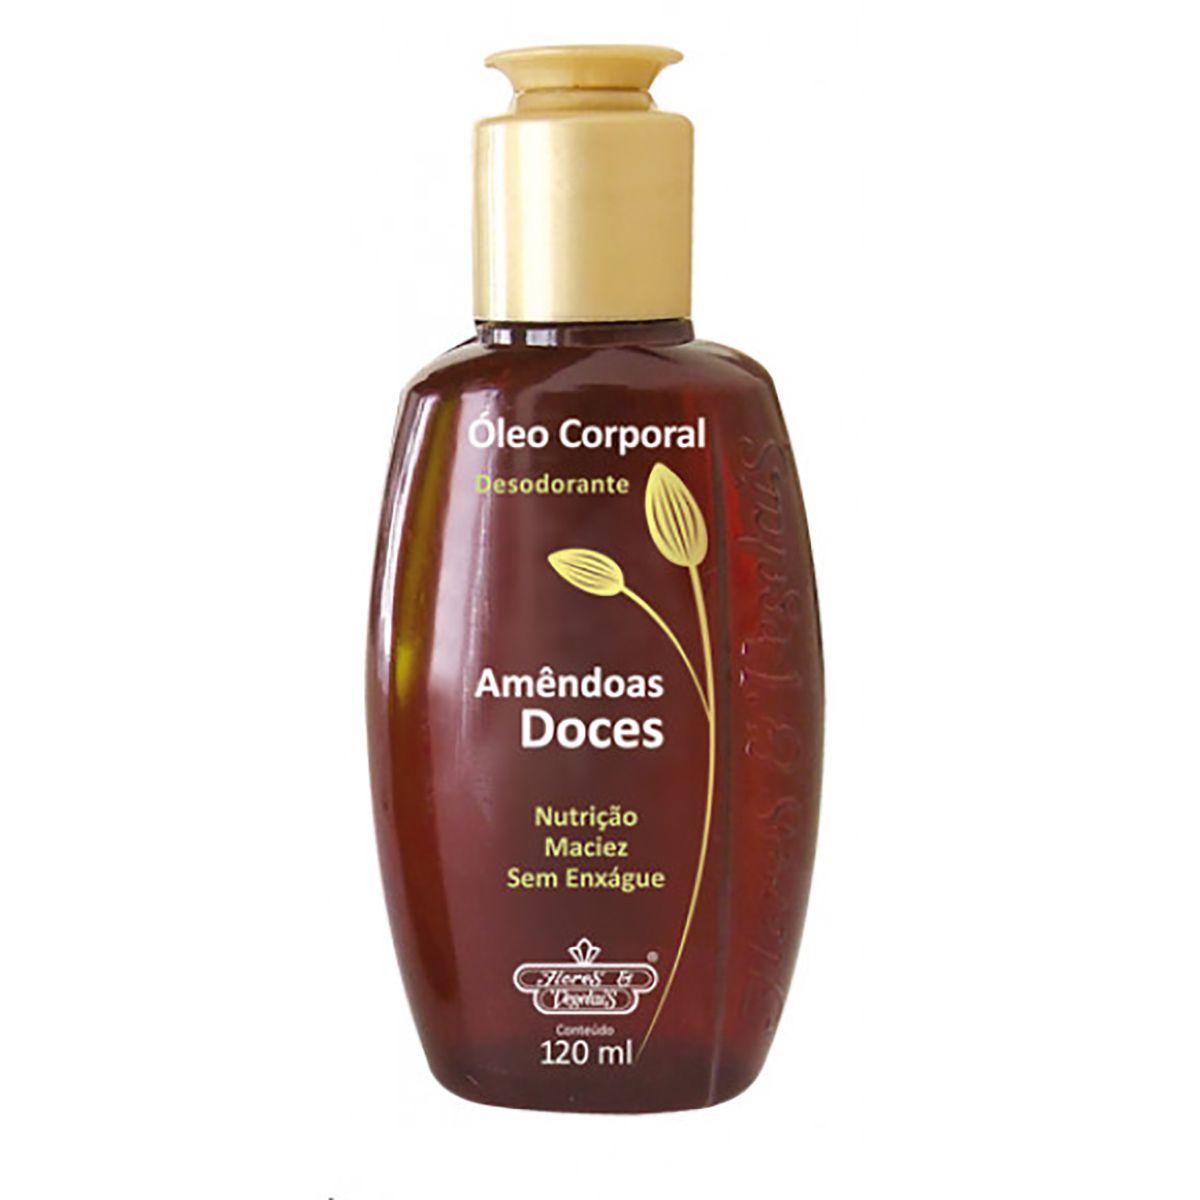 Óleo Corporal Desodorante Amêndoas Doces Flores e Vegetais 120ml